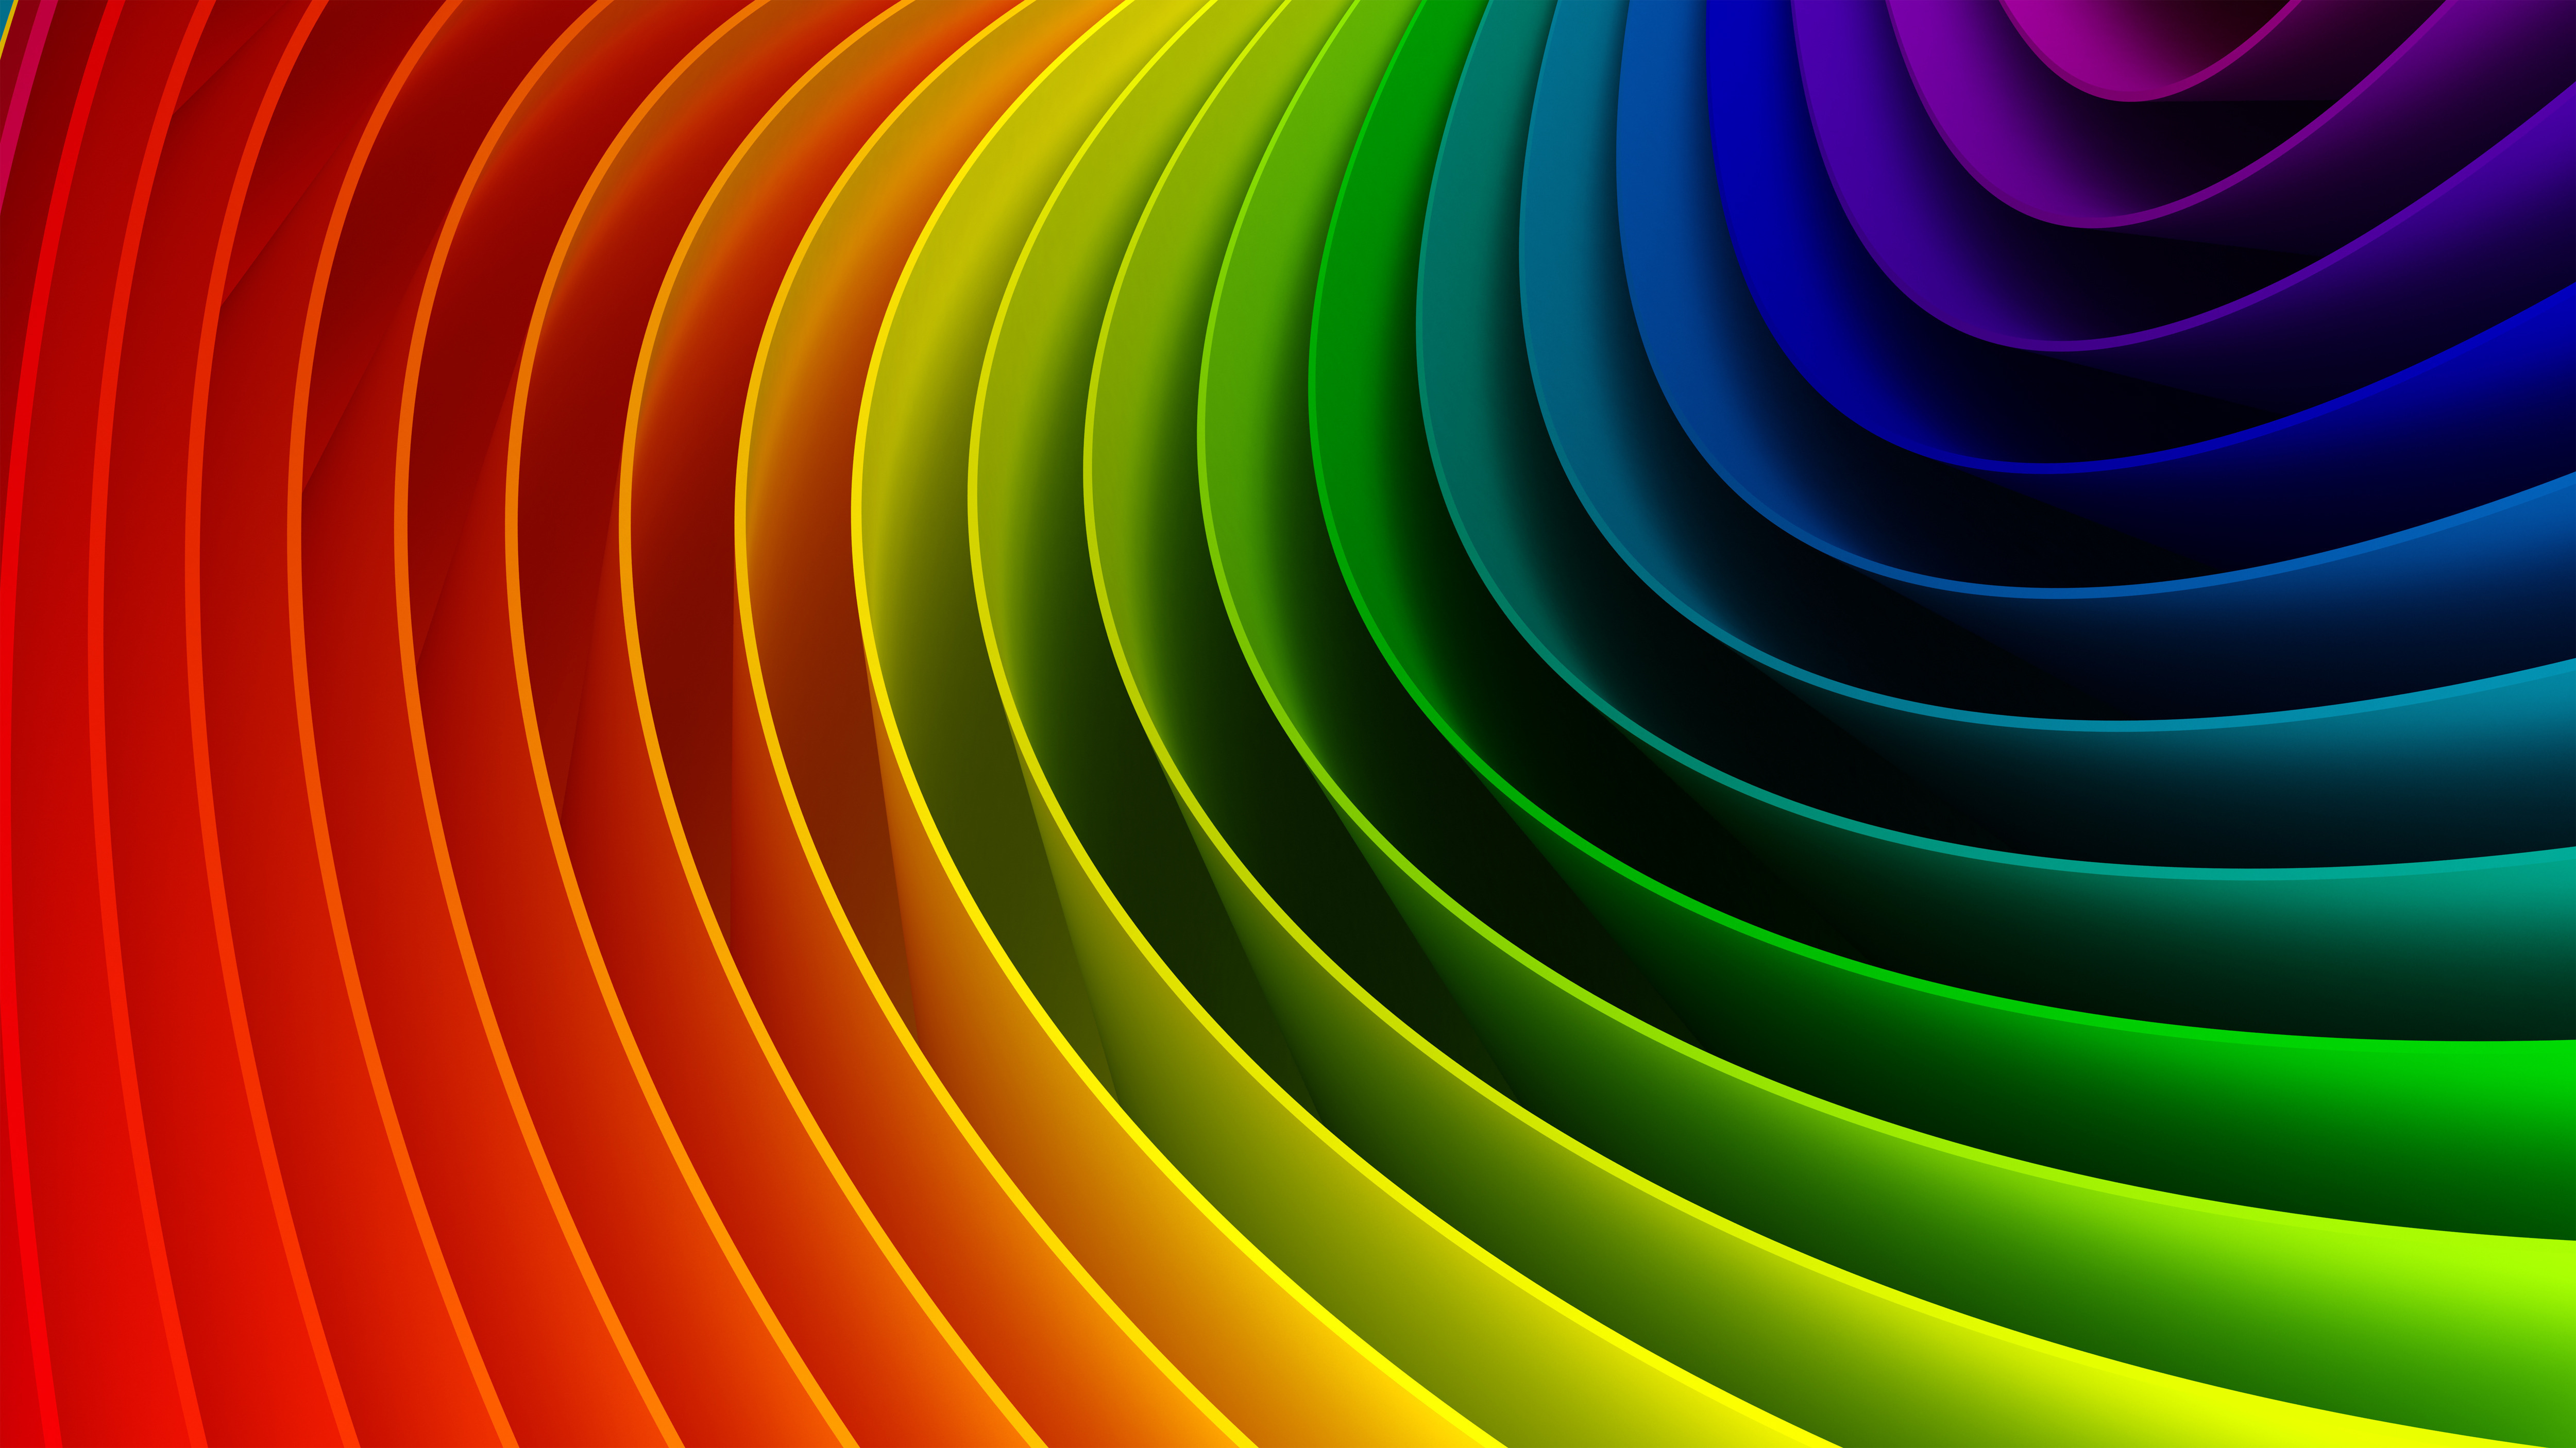 Il significato dei colori visione alchemica visione - Scale di colore ...